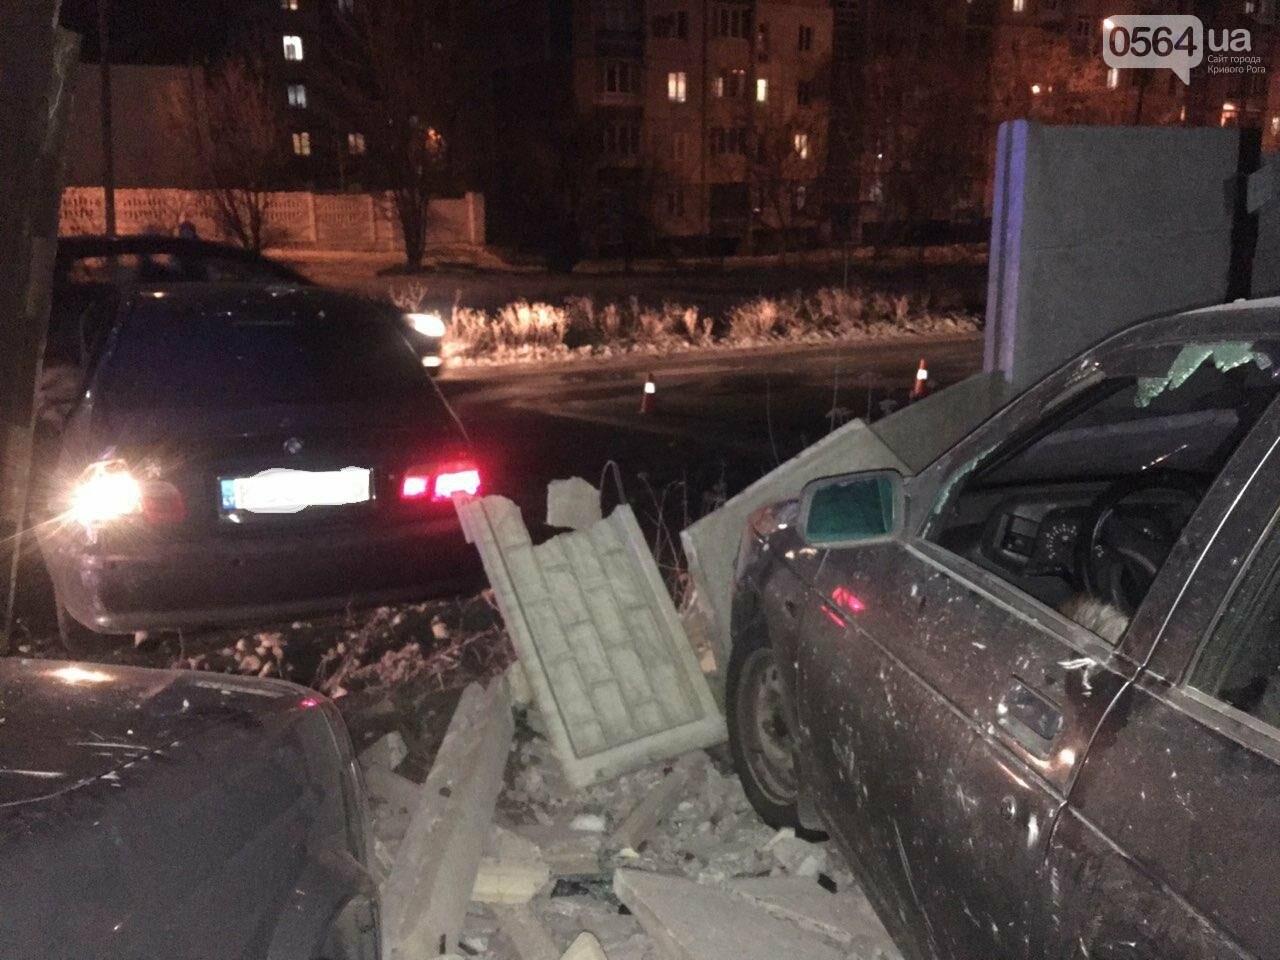 """В Кривом Роге """"BMW"""" снес забор стоянки: повреждено около 10 машин, есть пострадавший, - ФОТО , фото-7"""